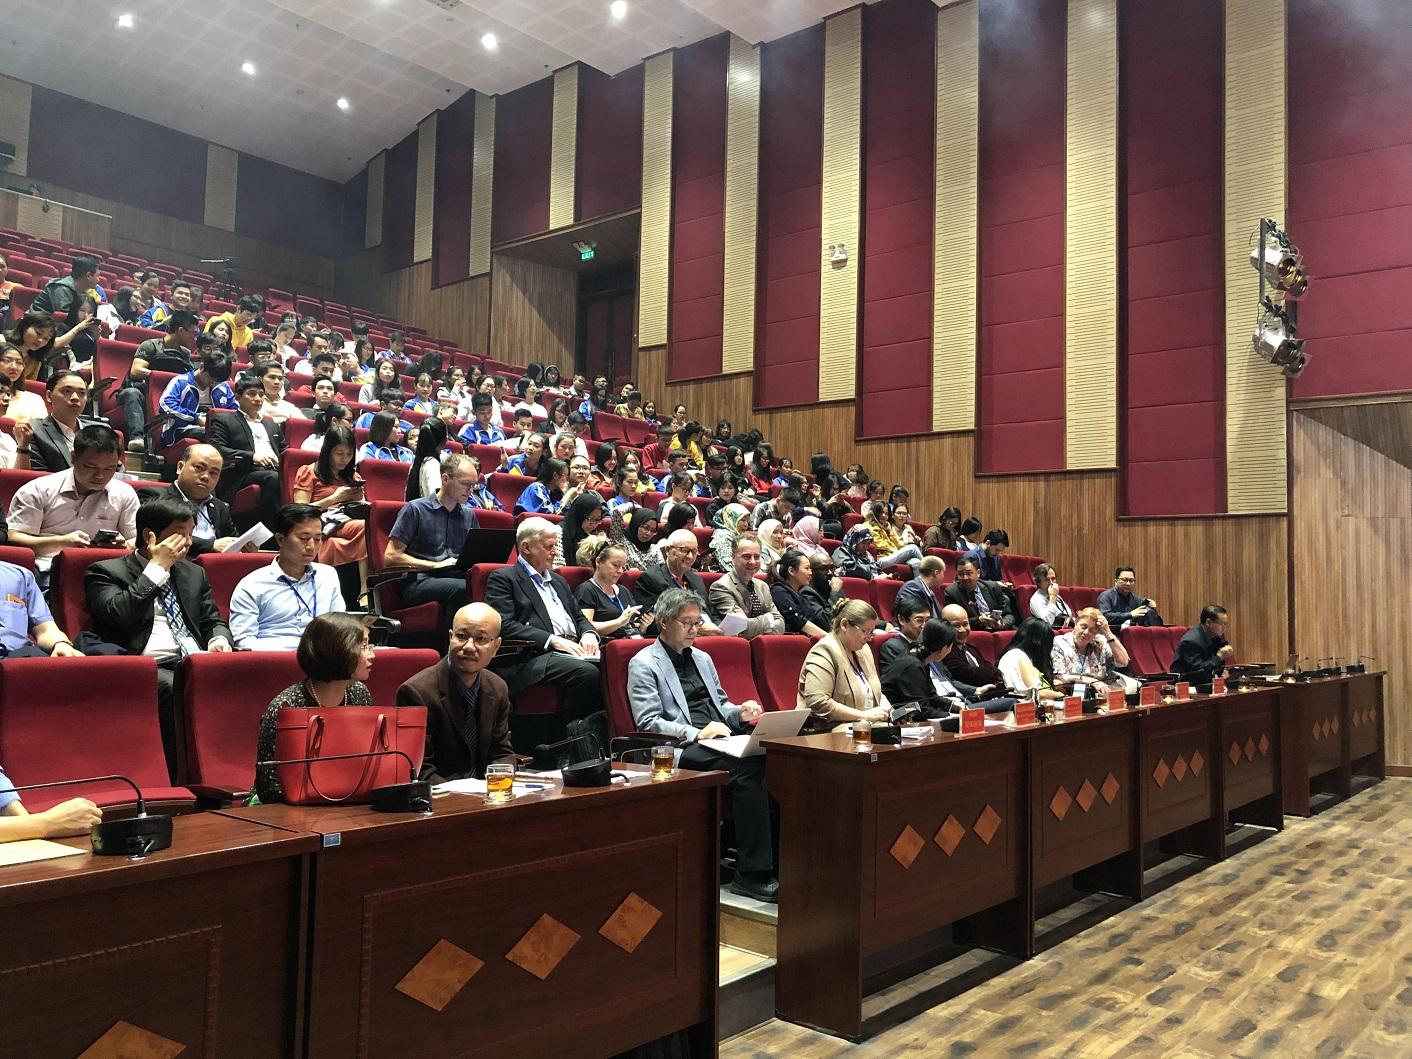 Phiên 2 hội thảo được tổ chức tại Đại học Hạ Long